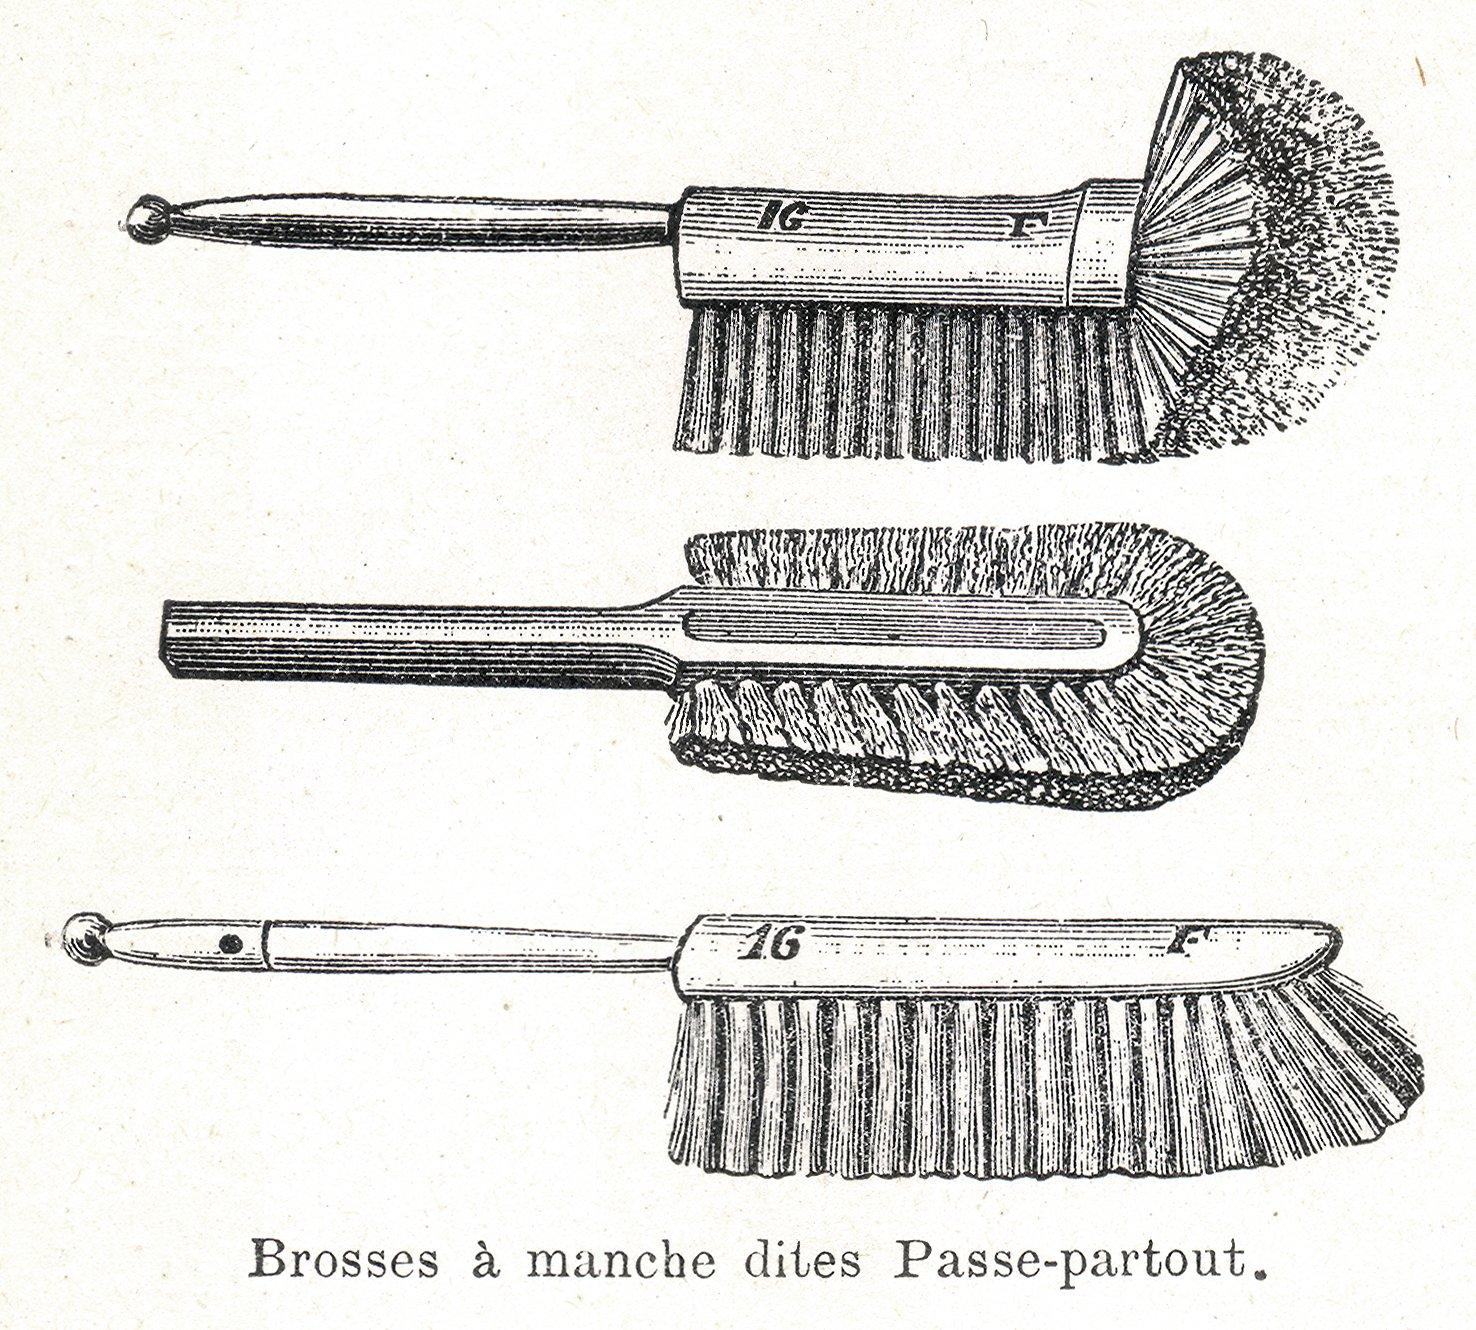 Иллюстрация 1904 года